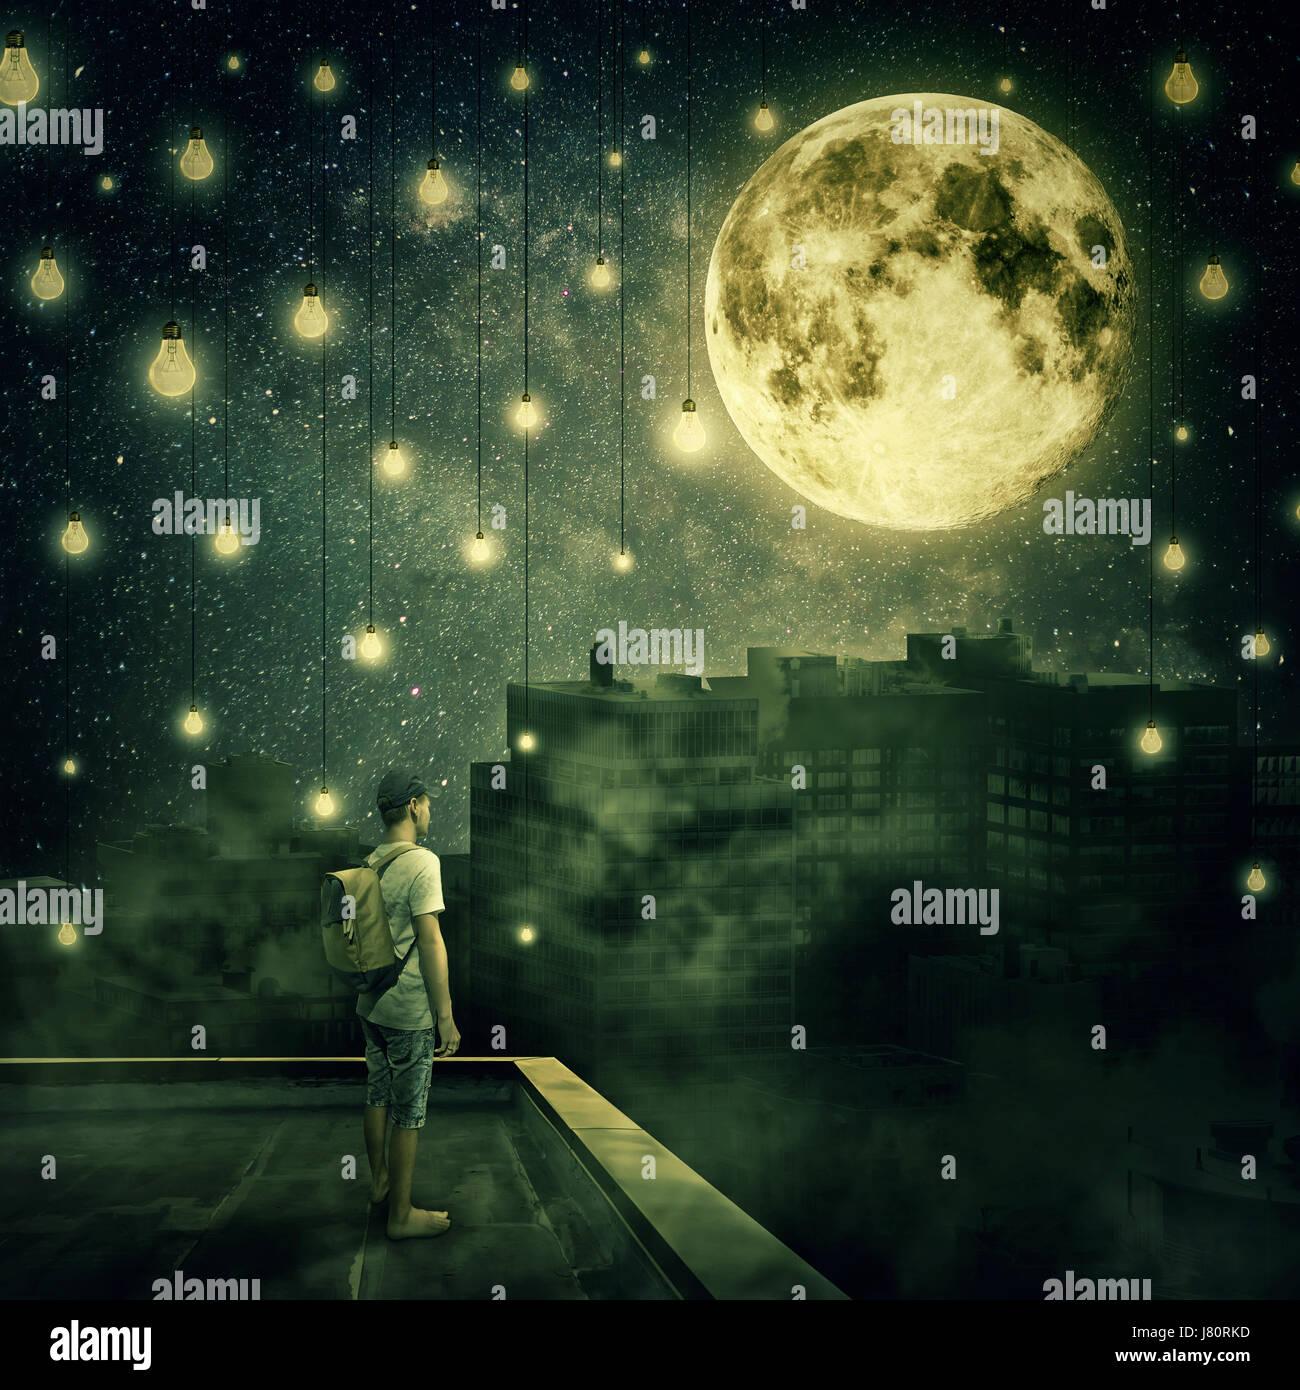 Joven permanezca en la terraza mirando la luna llena. La noche misteriosa suspendido con bombillas como estrellas Foto de stock